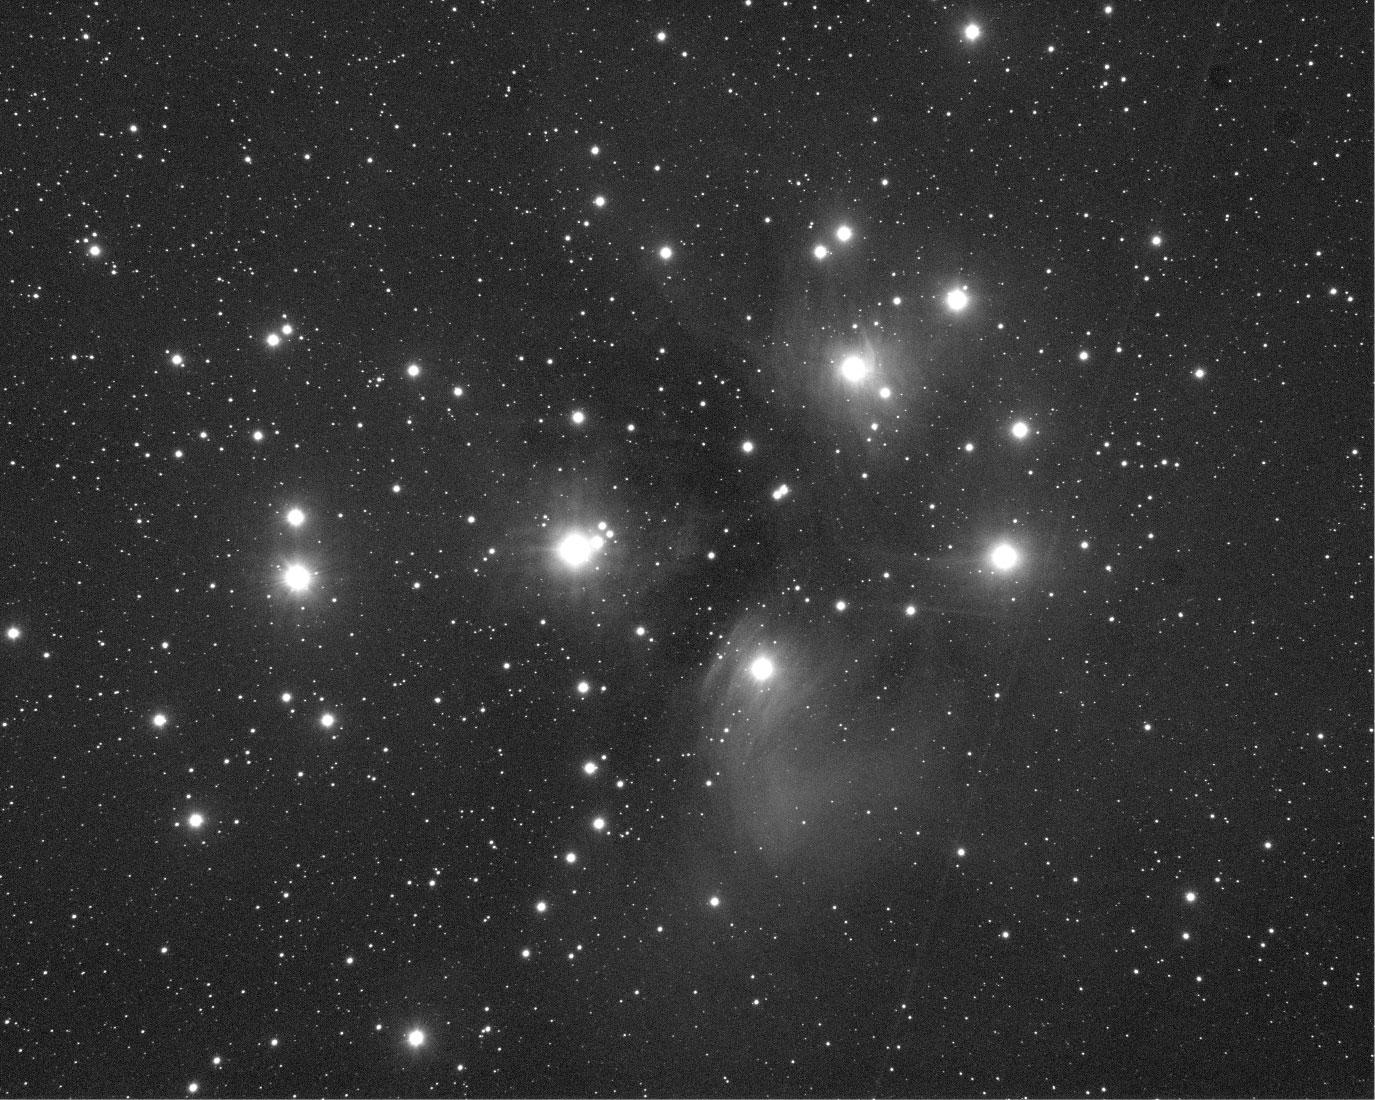 M45_fc60_5min